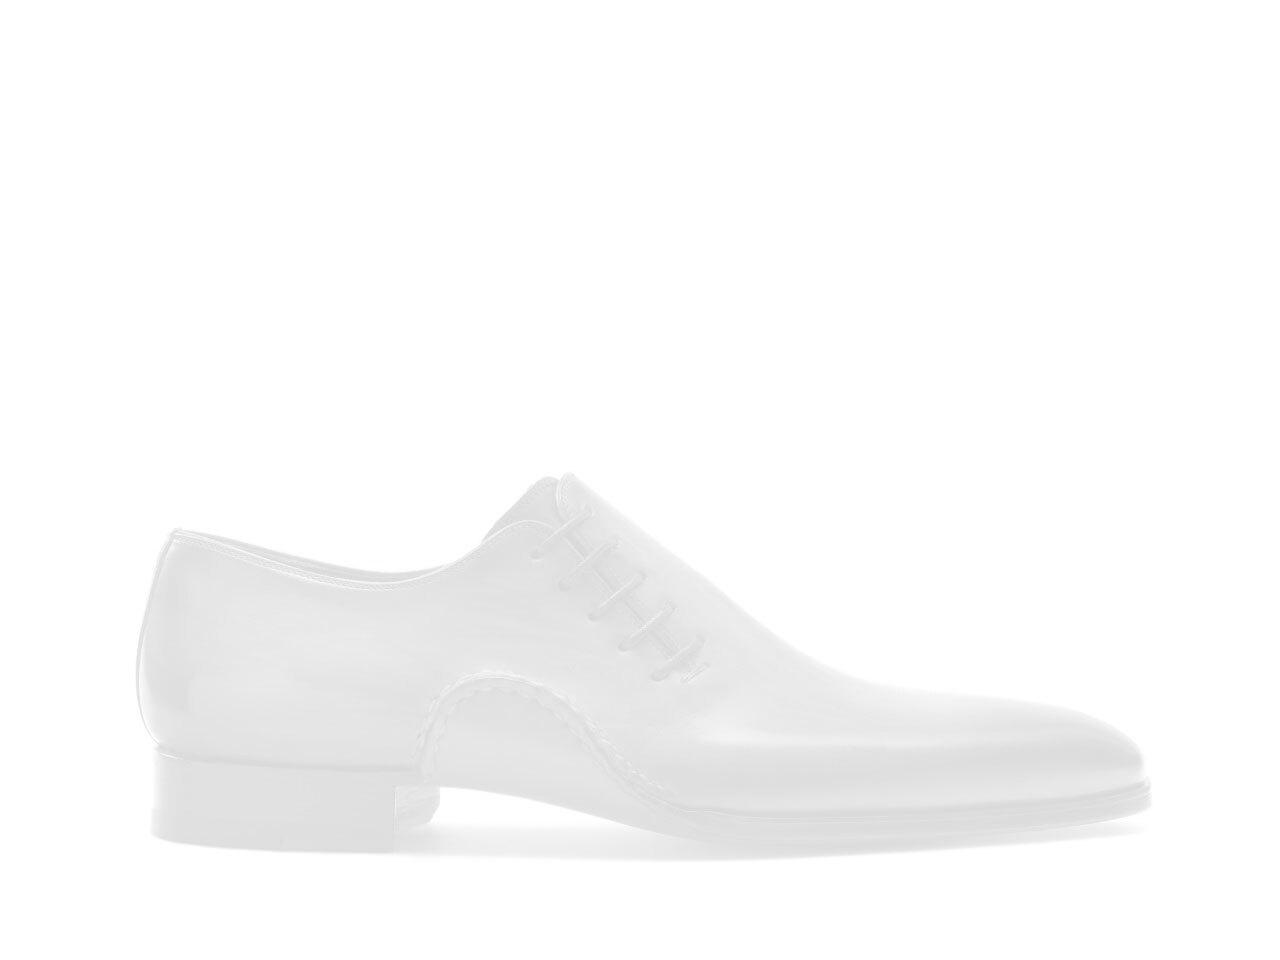 Pair of the Magnanni Noia Cuero Men's Sneakers